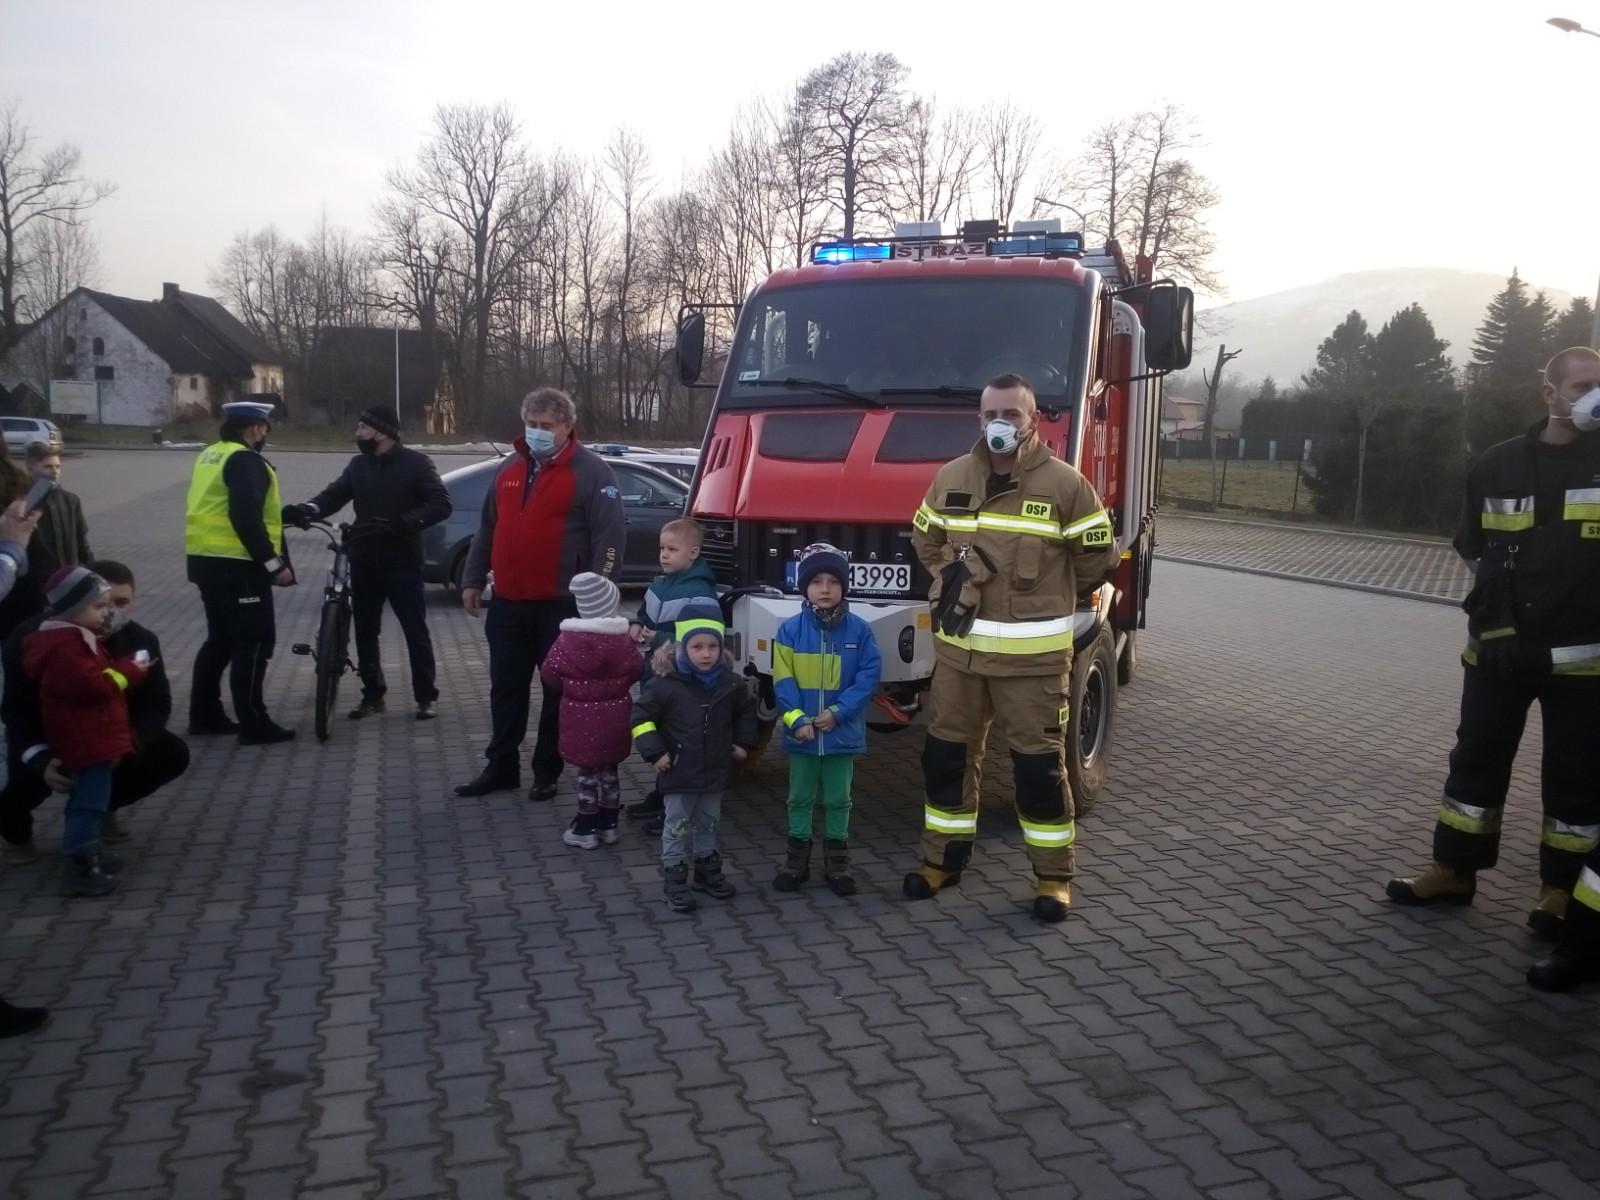 Dzieci pozują do zdjęcia ze strażakiem na tle pojazdu strażackiego